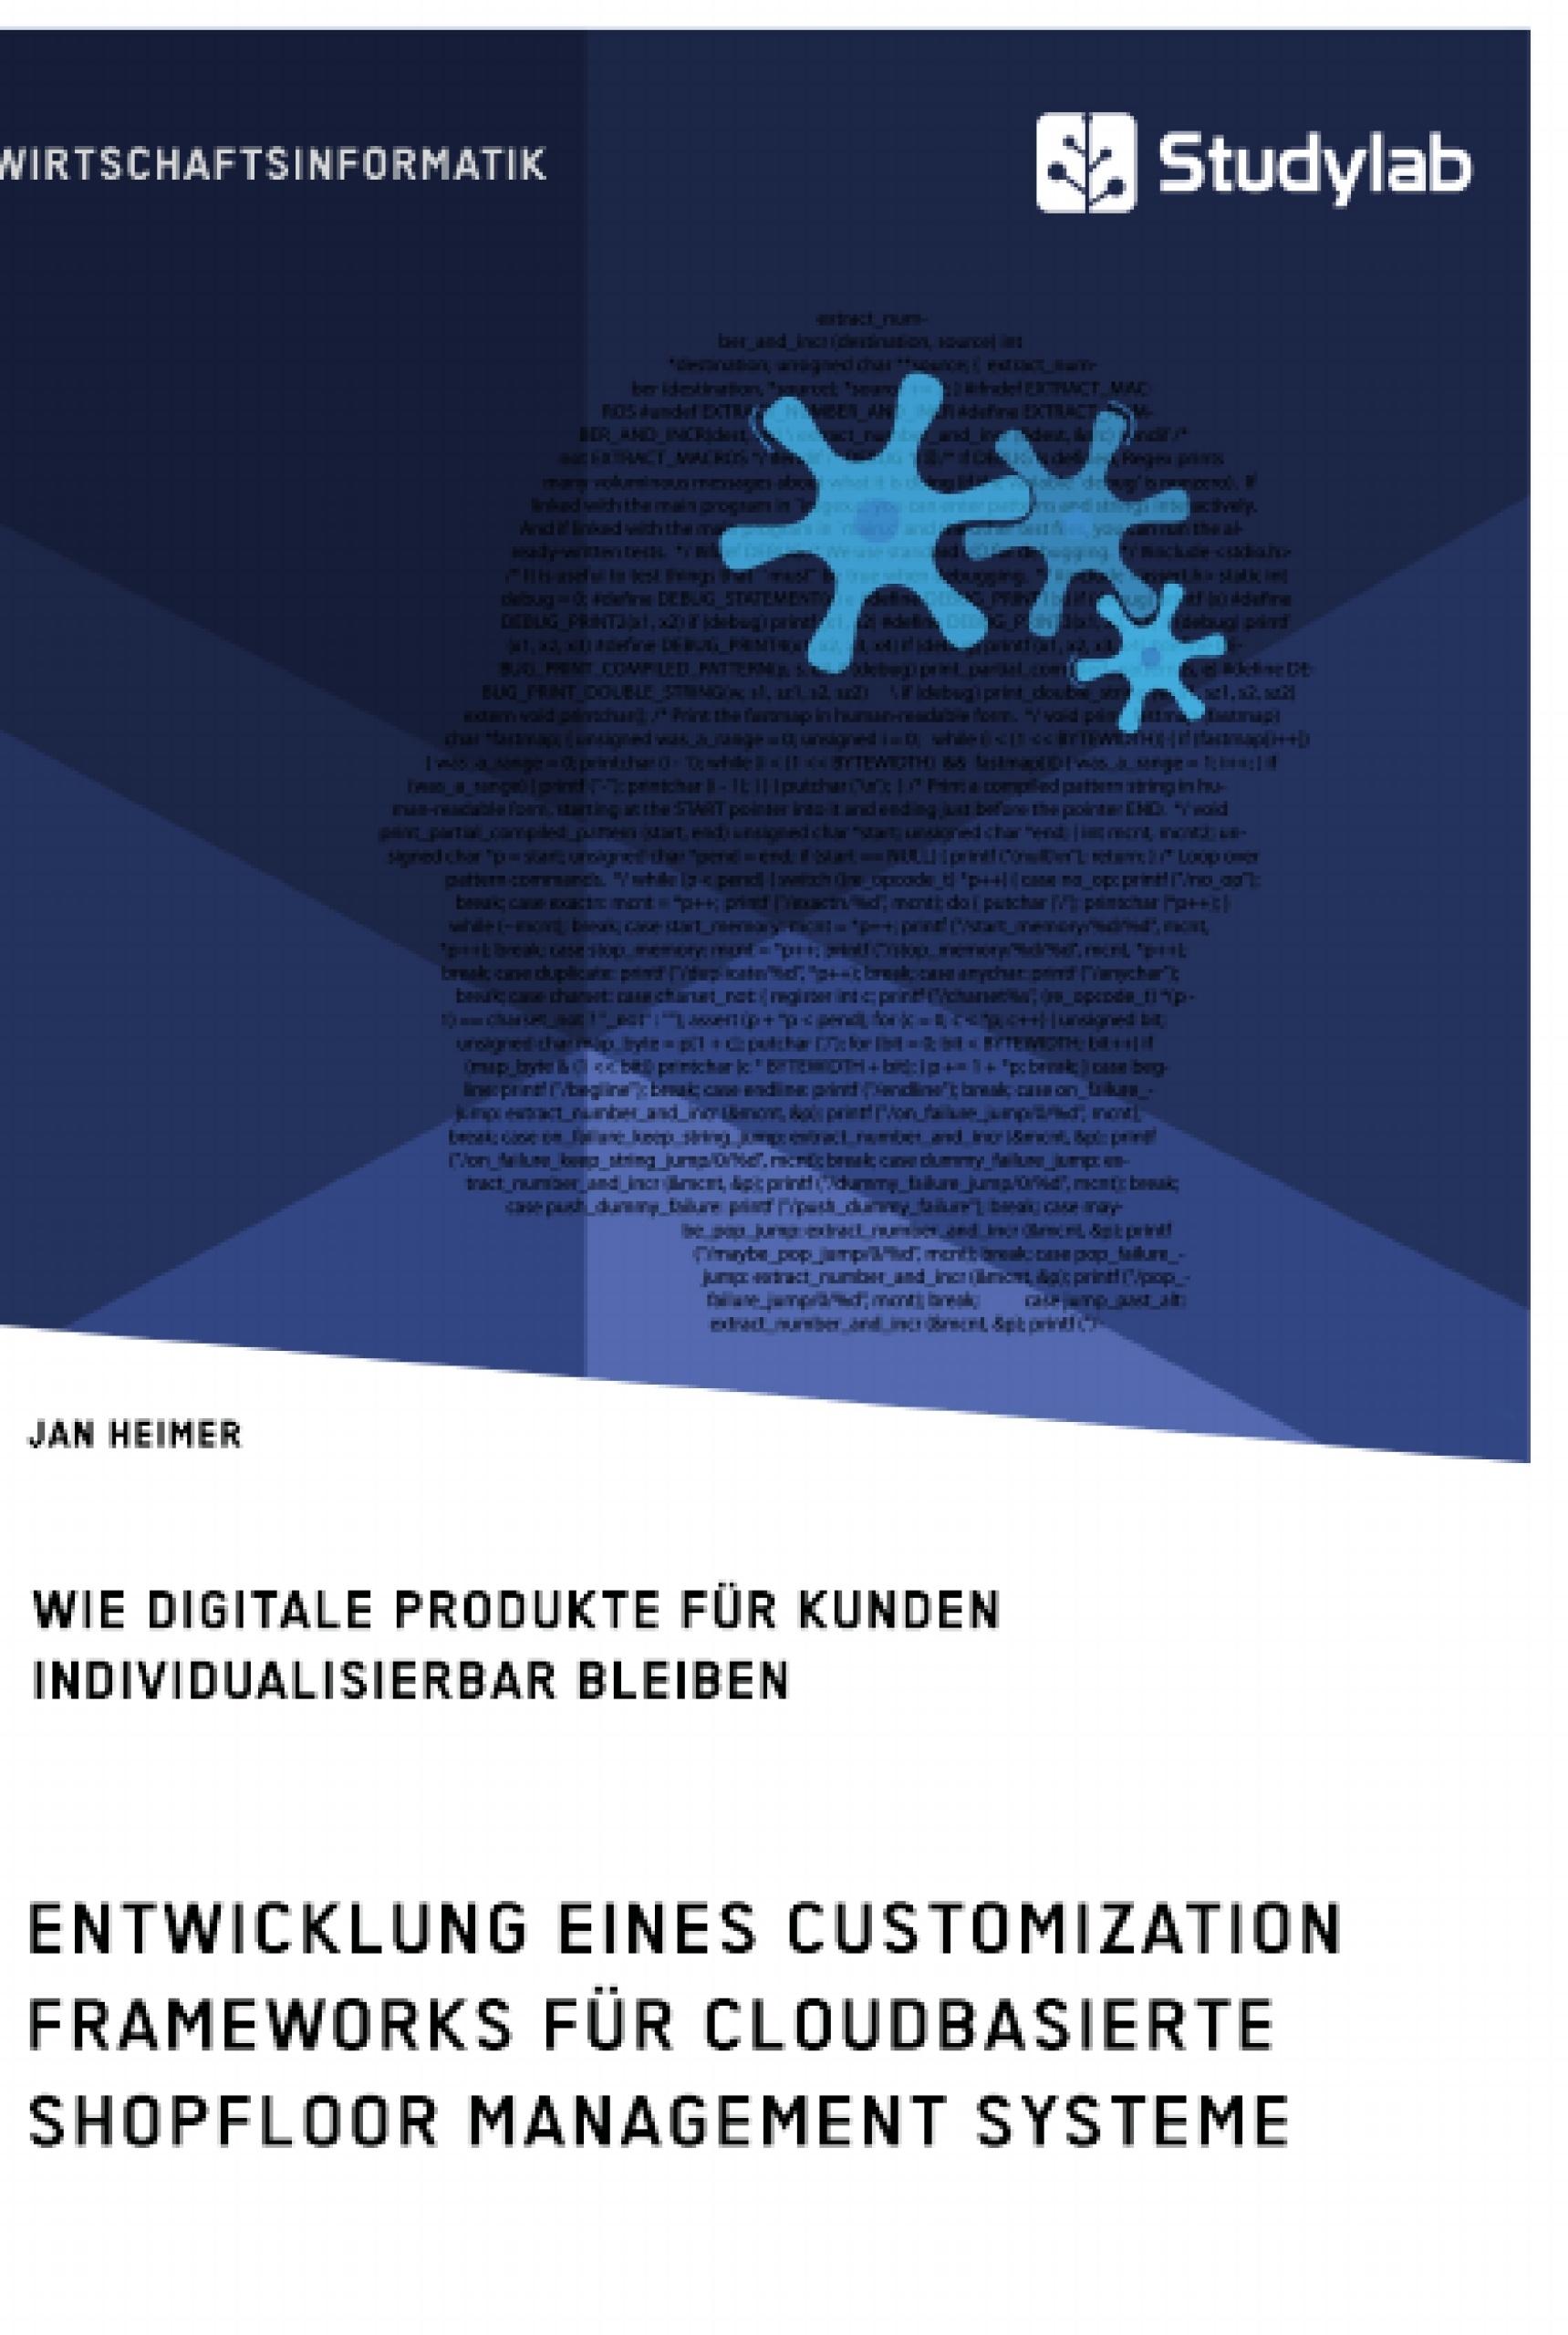 Titel: Entwicklung eines Customization Frameworks für cloudbasierte Shopfloor Management Systeme. Wie digitale Produkte für Kunden individualisierbar bleiben